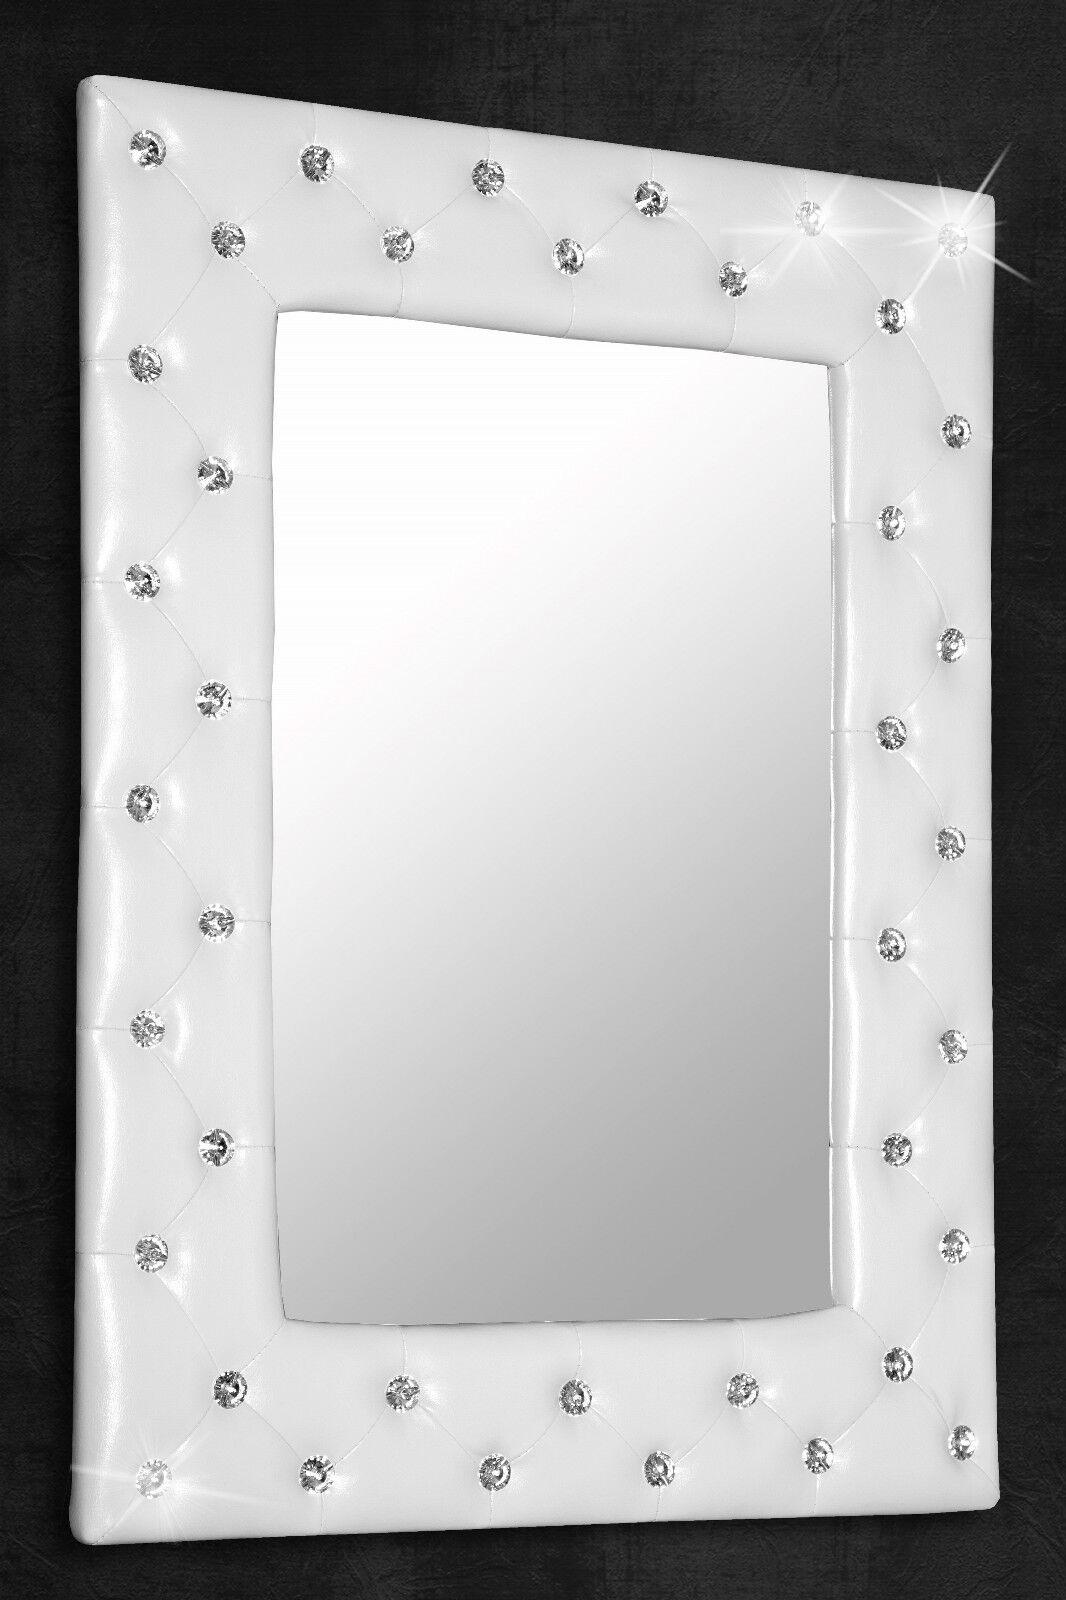 Wandspiegel Spiegel Weiß mit Strassknöpfen 80x60 cm Shabby Chic SPECCHIERA NEU